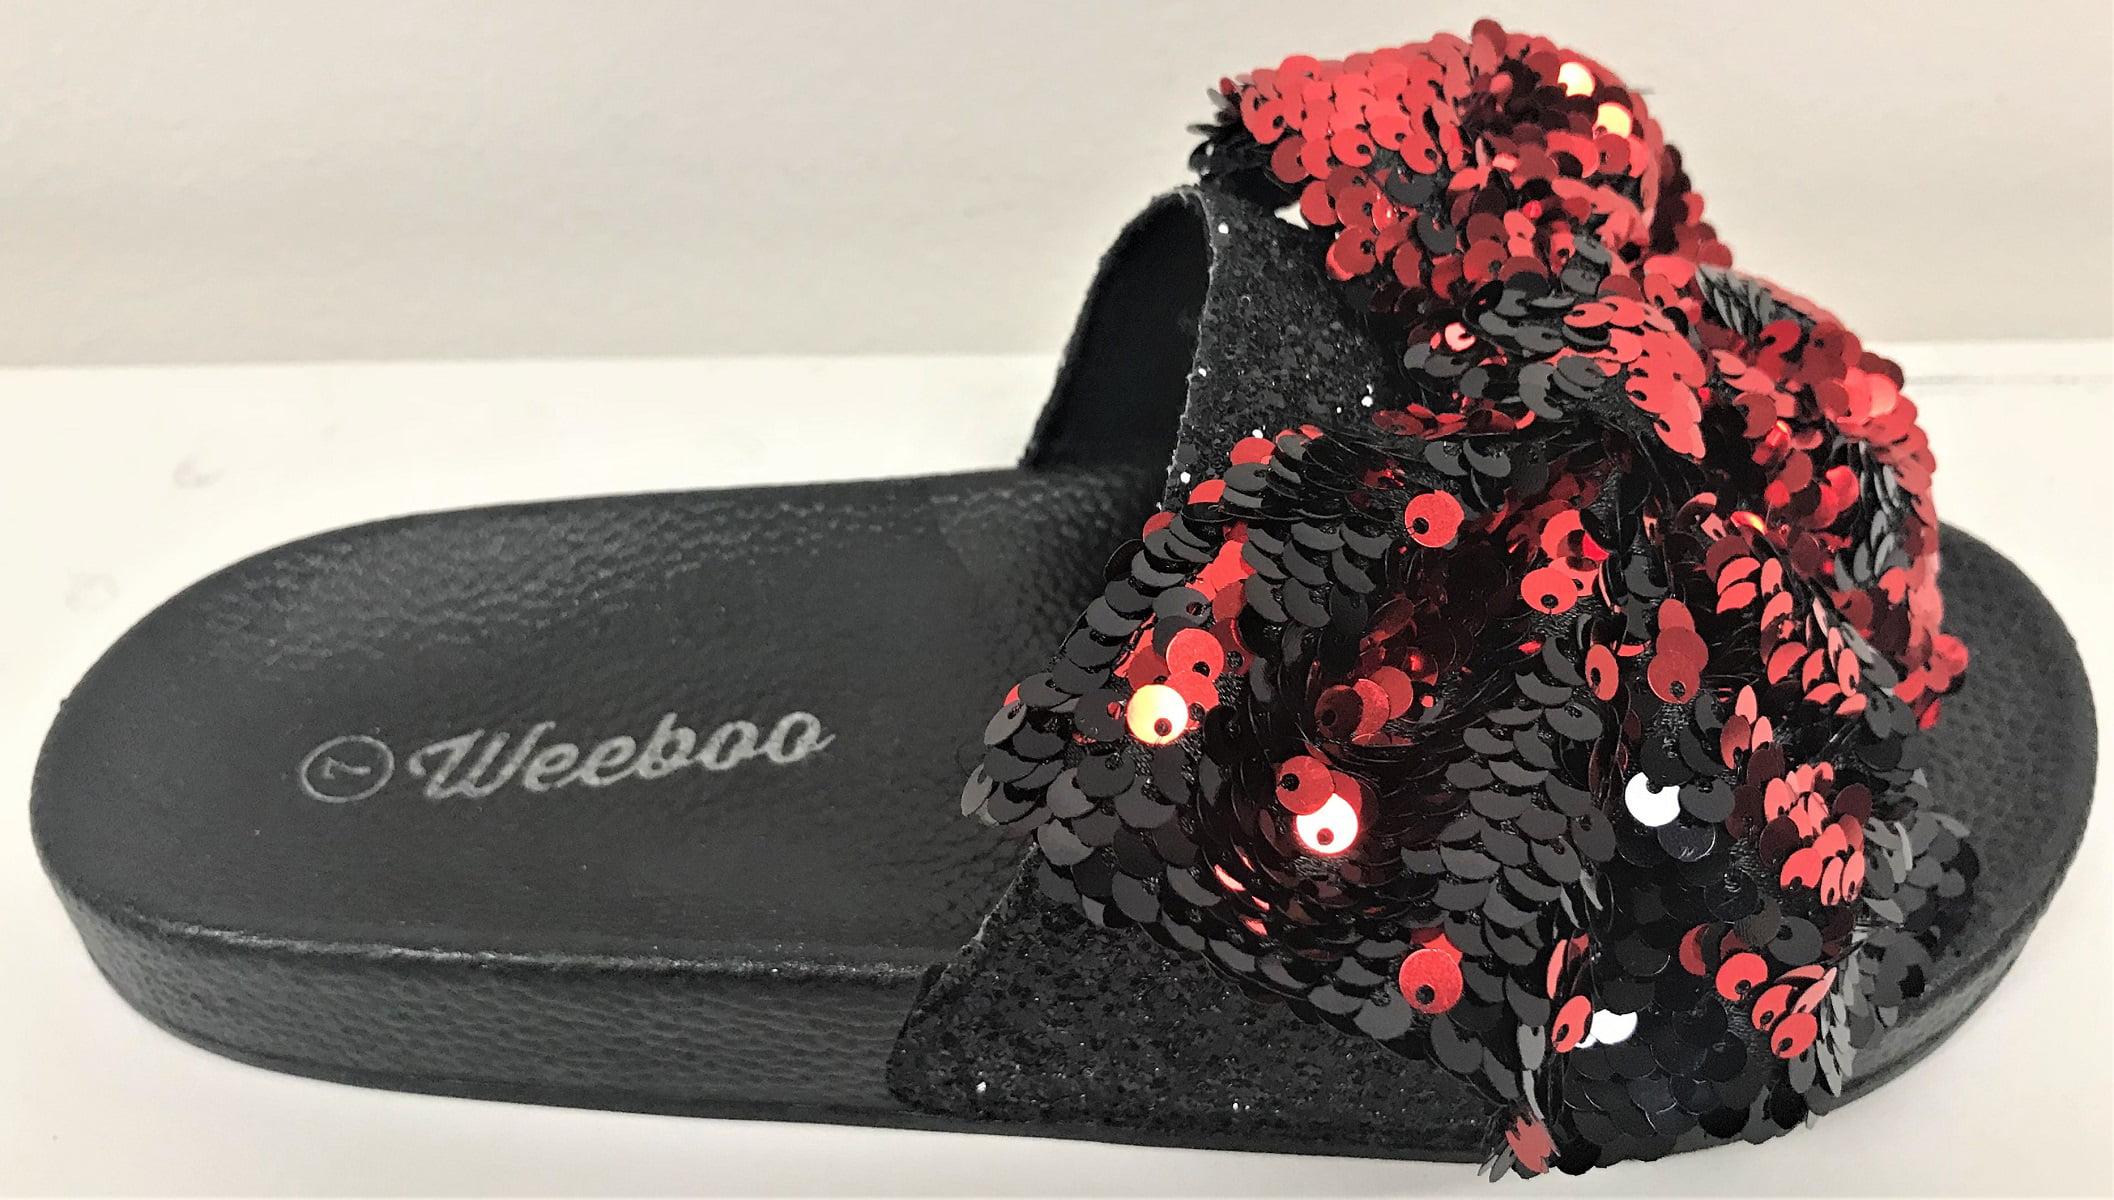 d6e10a40028b6 Weboo - Kelly-01 Open Toe Slides Bow Sequin Glitter Sparkle Flip Flops  Sandals Red - Walmart.com